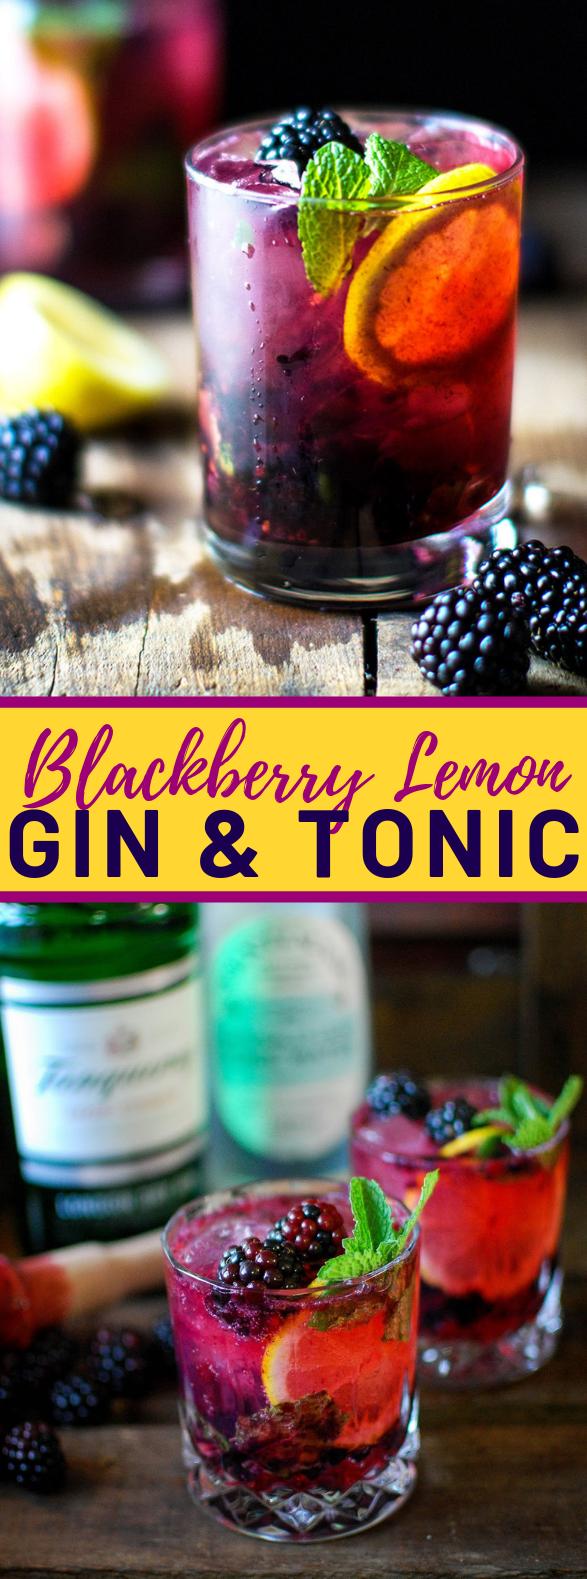 Blackberry Lemon Gin & Tonic #drinks #cocktails